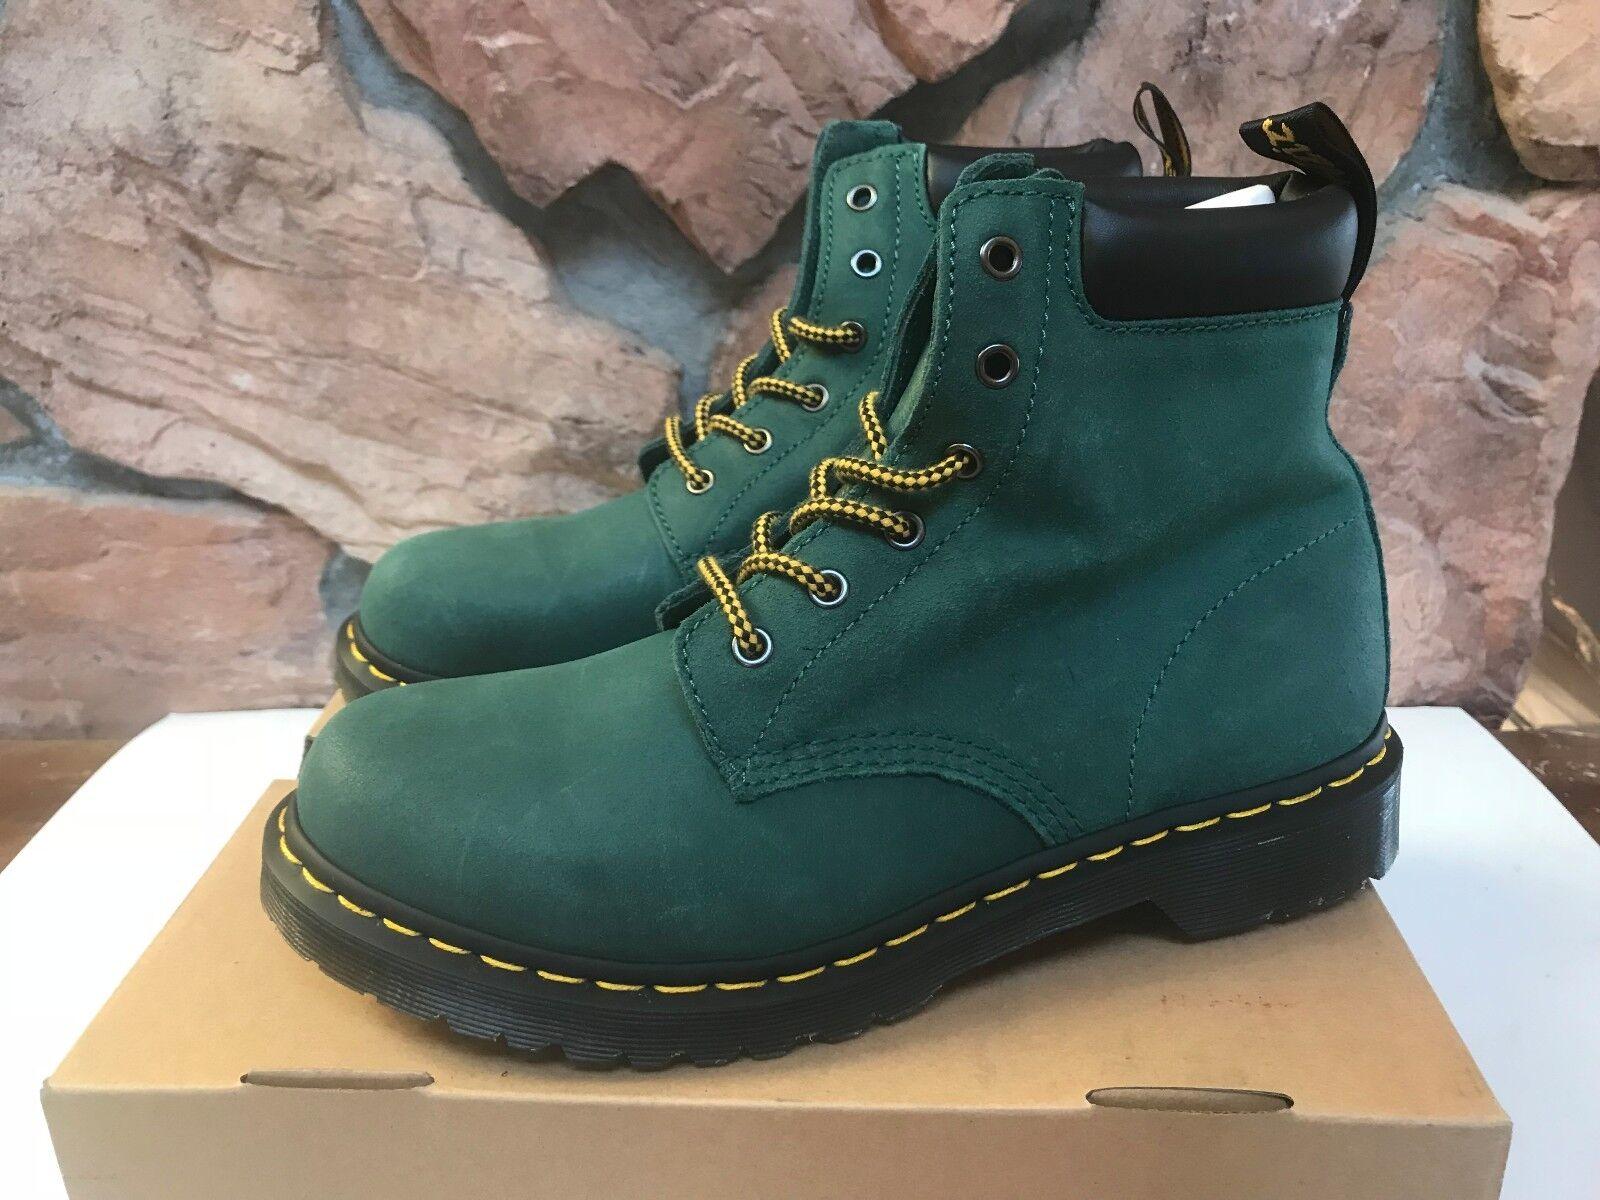 liquidazione DR DR DR MARTENS 939 Hiker donna US 11 Greasy Suede Ankle stivali - Teal Turquoise  spedizione gratuita in tutto il mondo